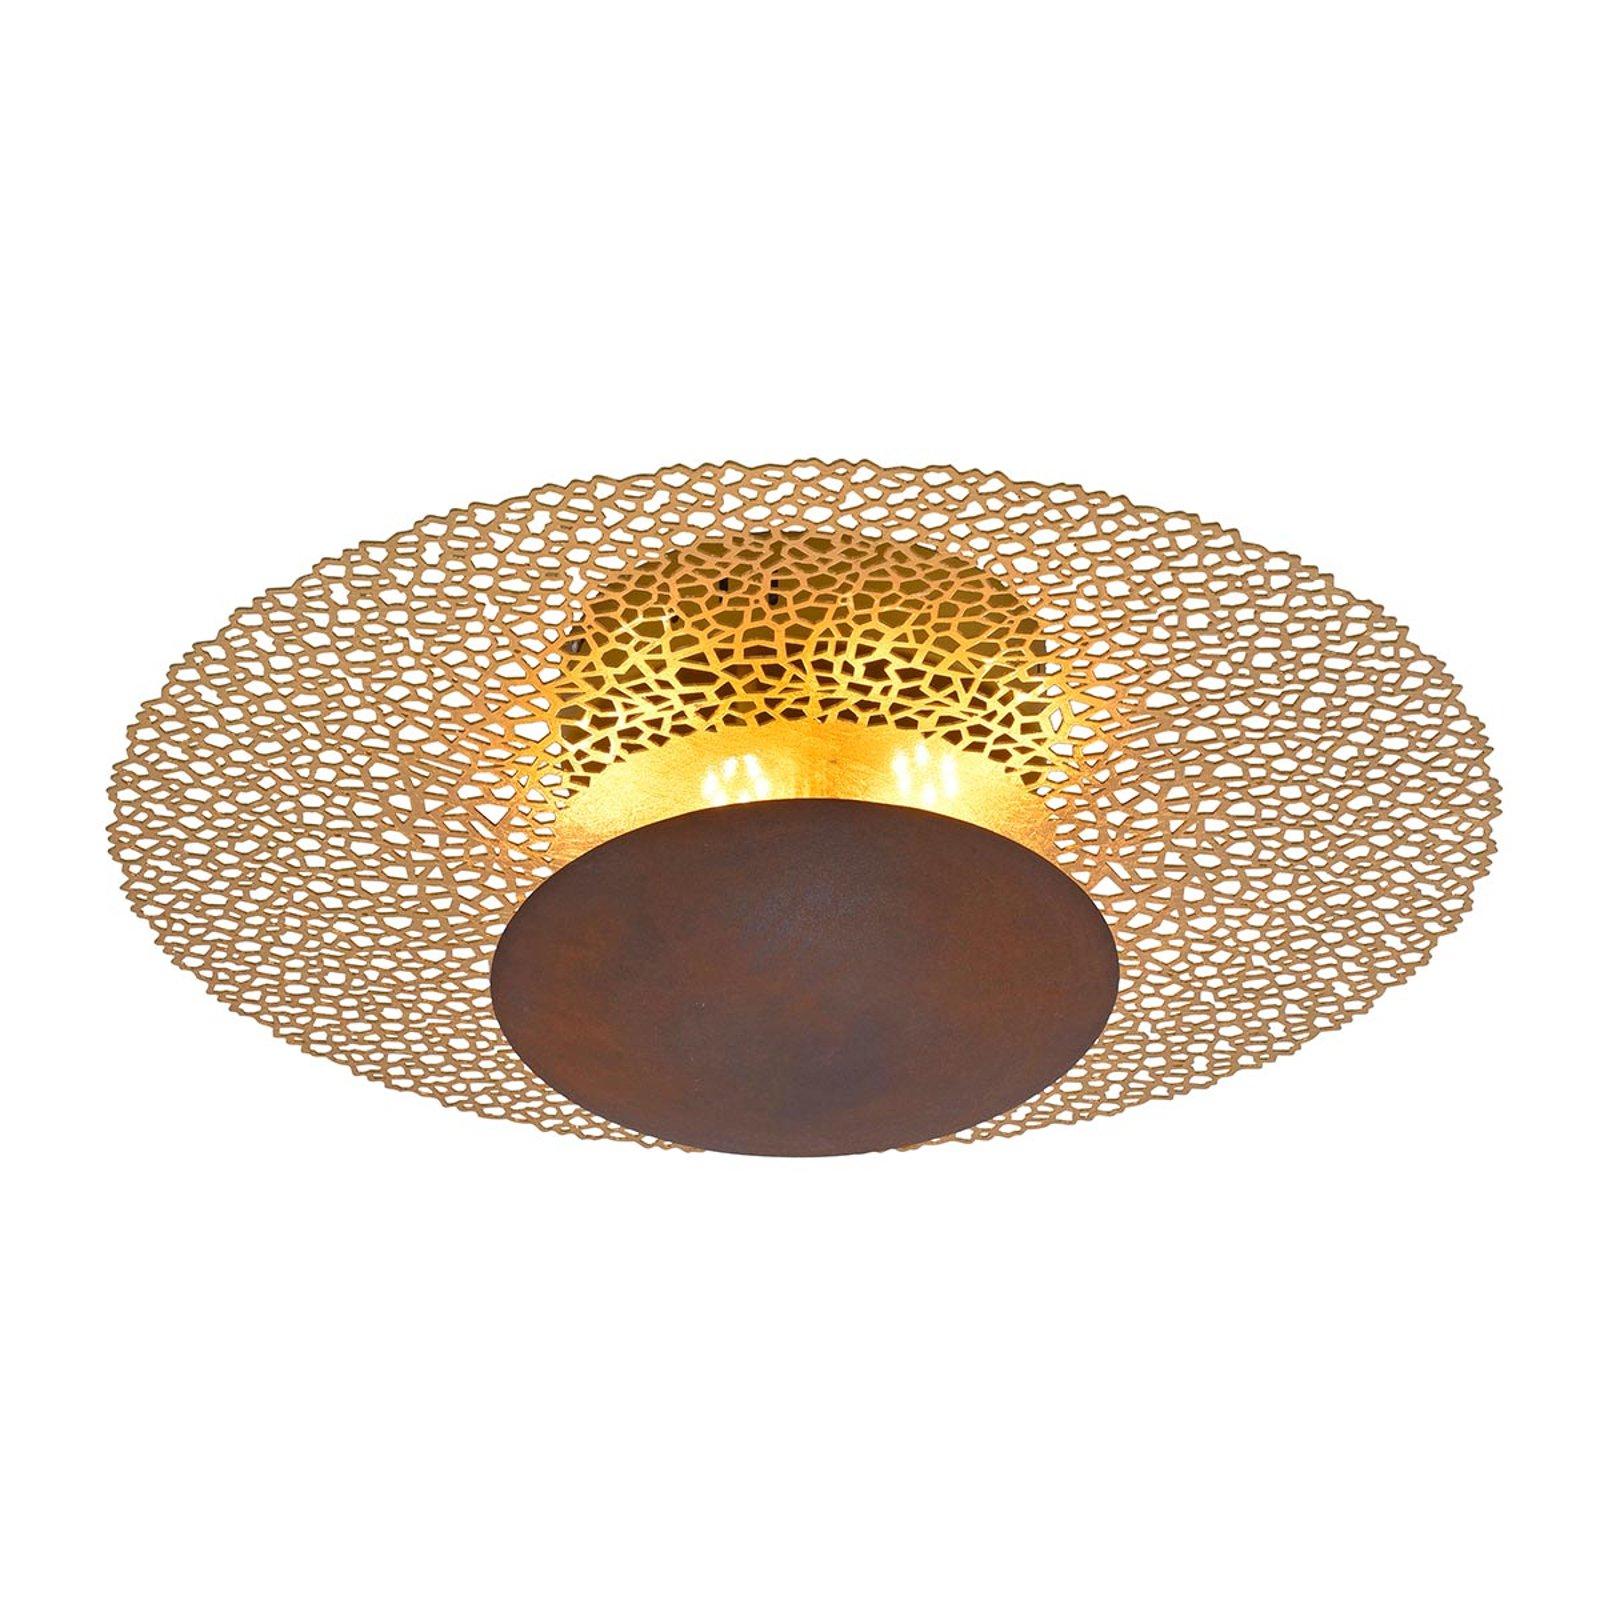 LED-taklampe Nevis, rund, Ø 45 cm